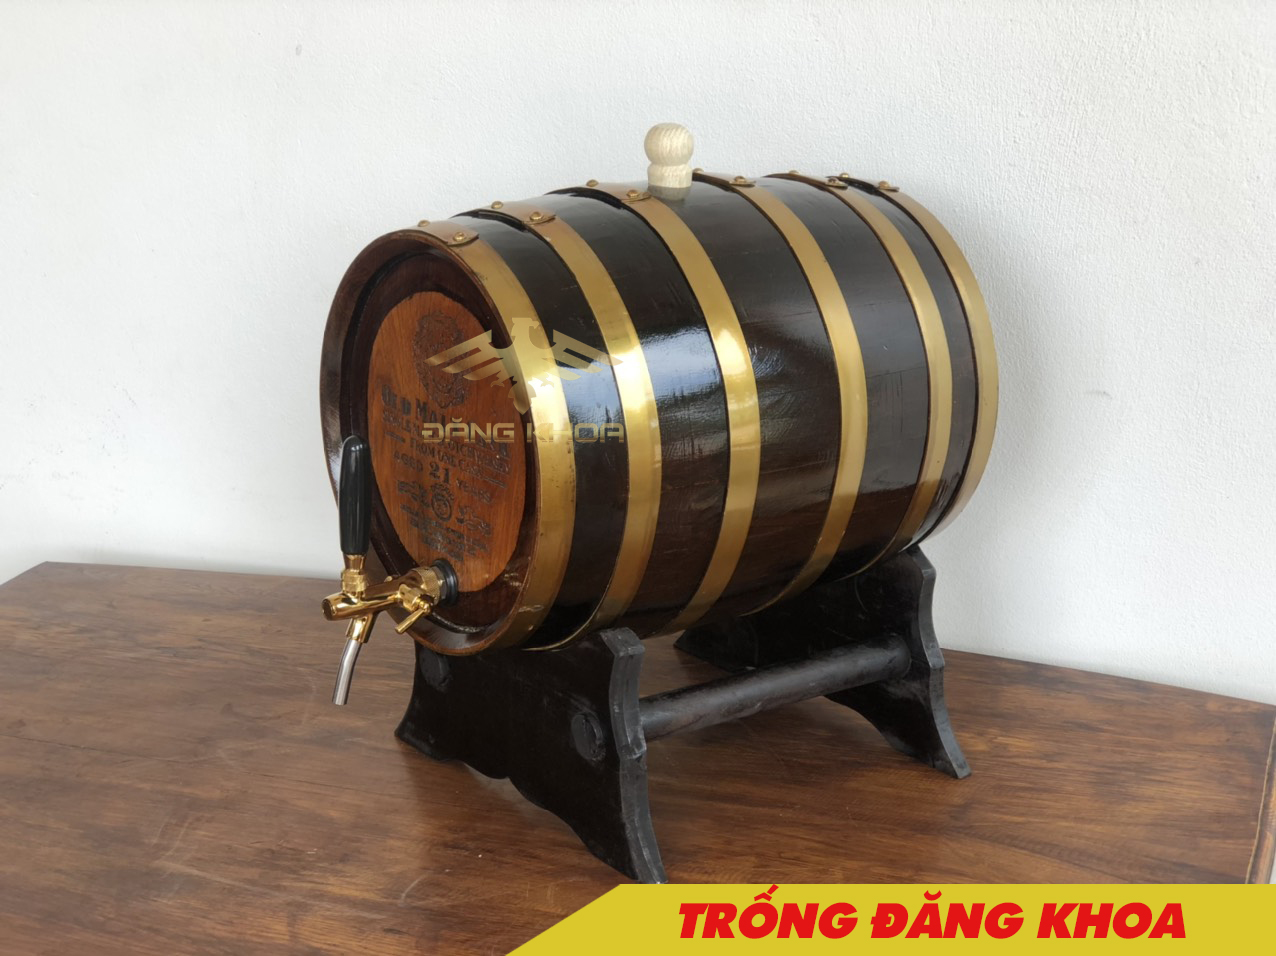 Đặc điểm cơ bản của thùng gỗ sồi 30L tiêu chuẩn